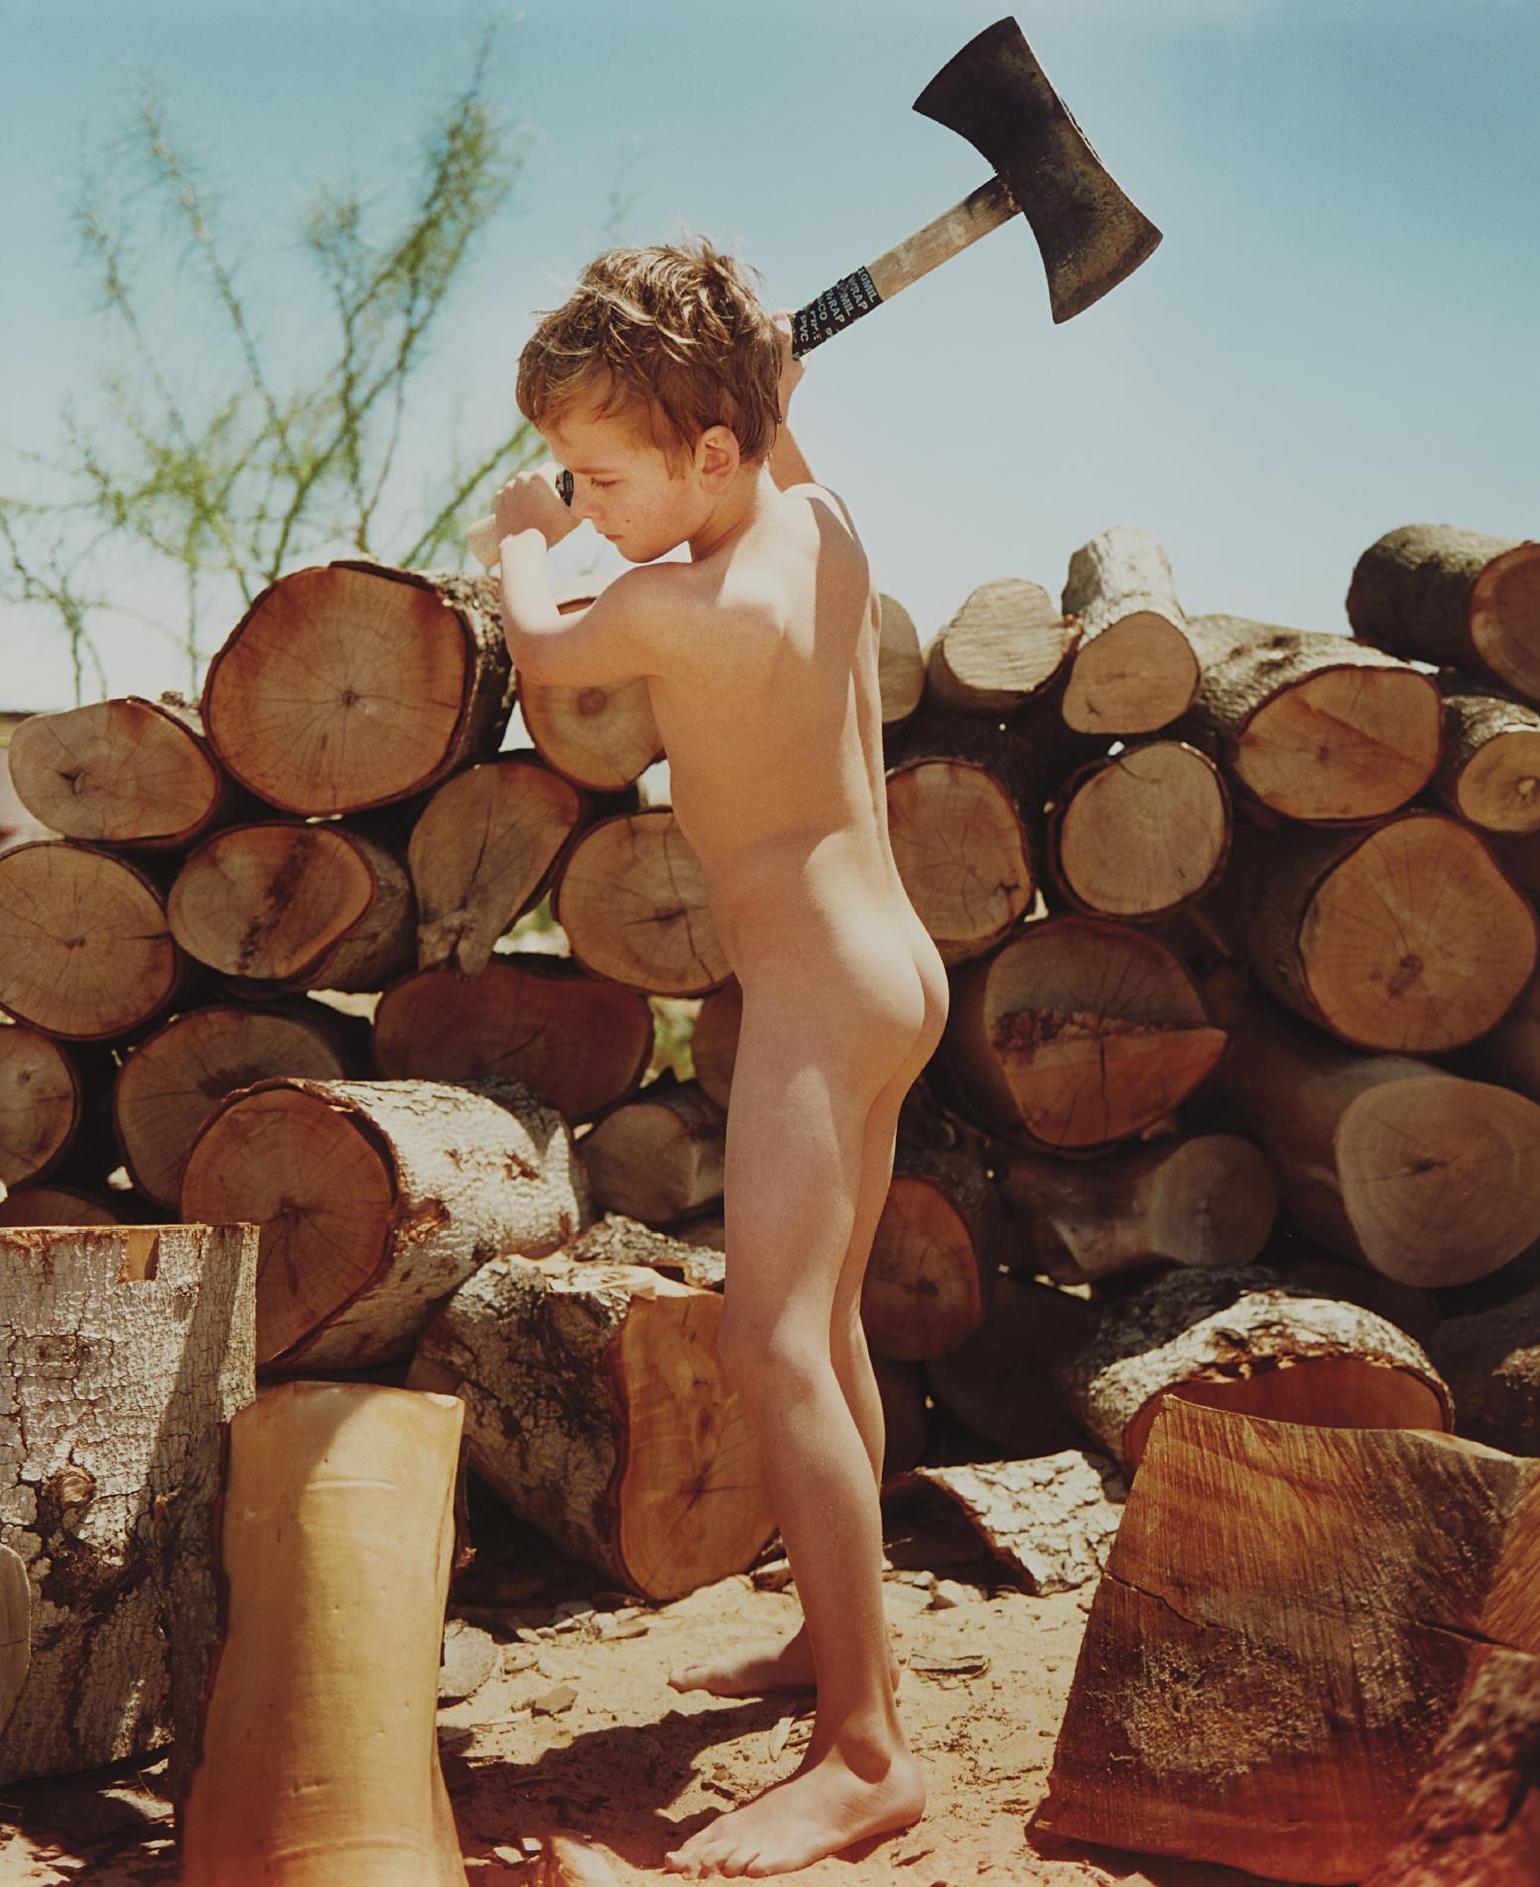 Jack Pierson-Self Portrait #1-2003